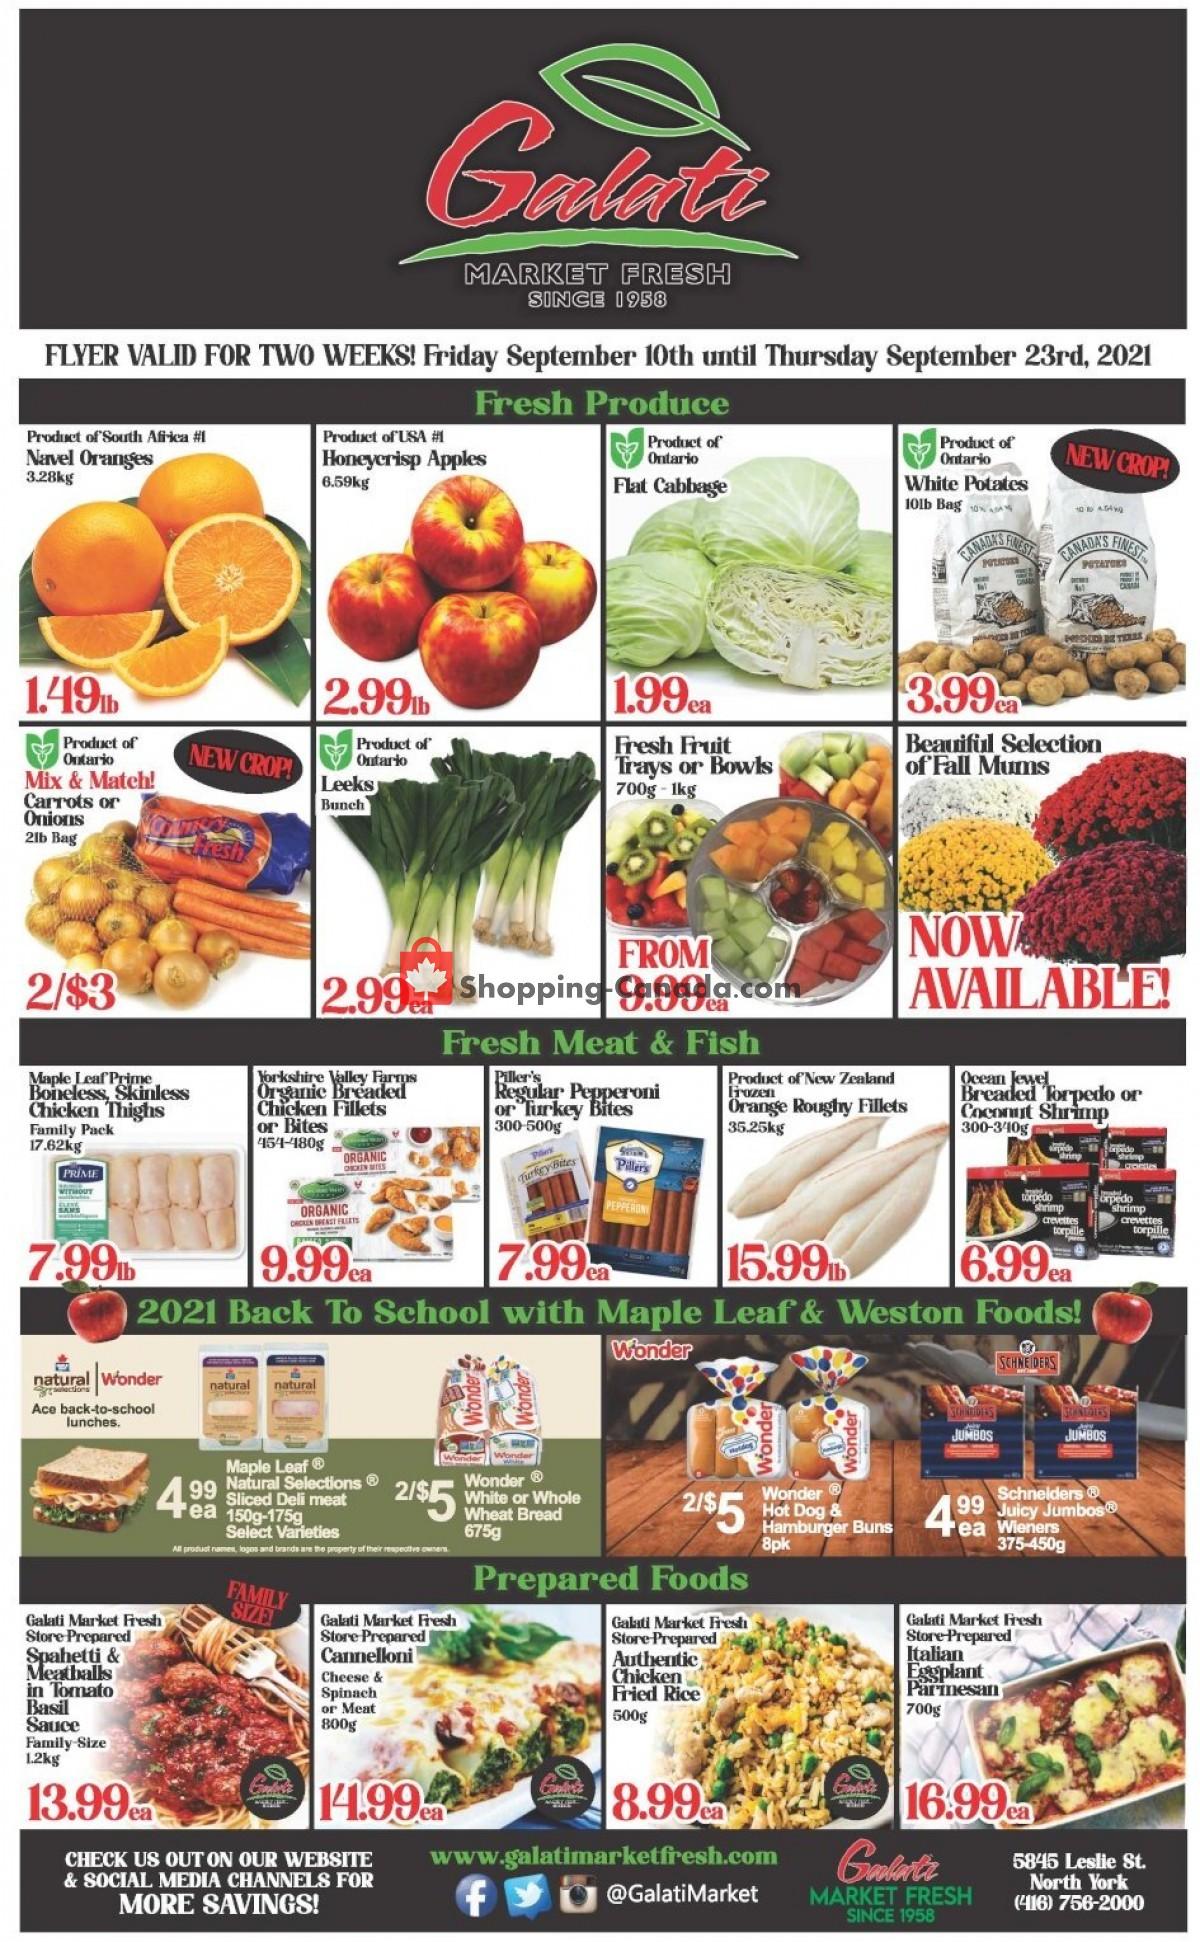 Flyer Galati Market Fresh Canada - from Friday September 10, 2021 to Thursday September 23, 2021